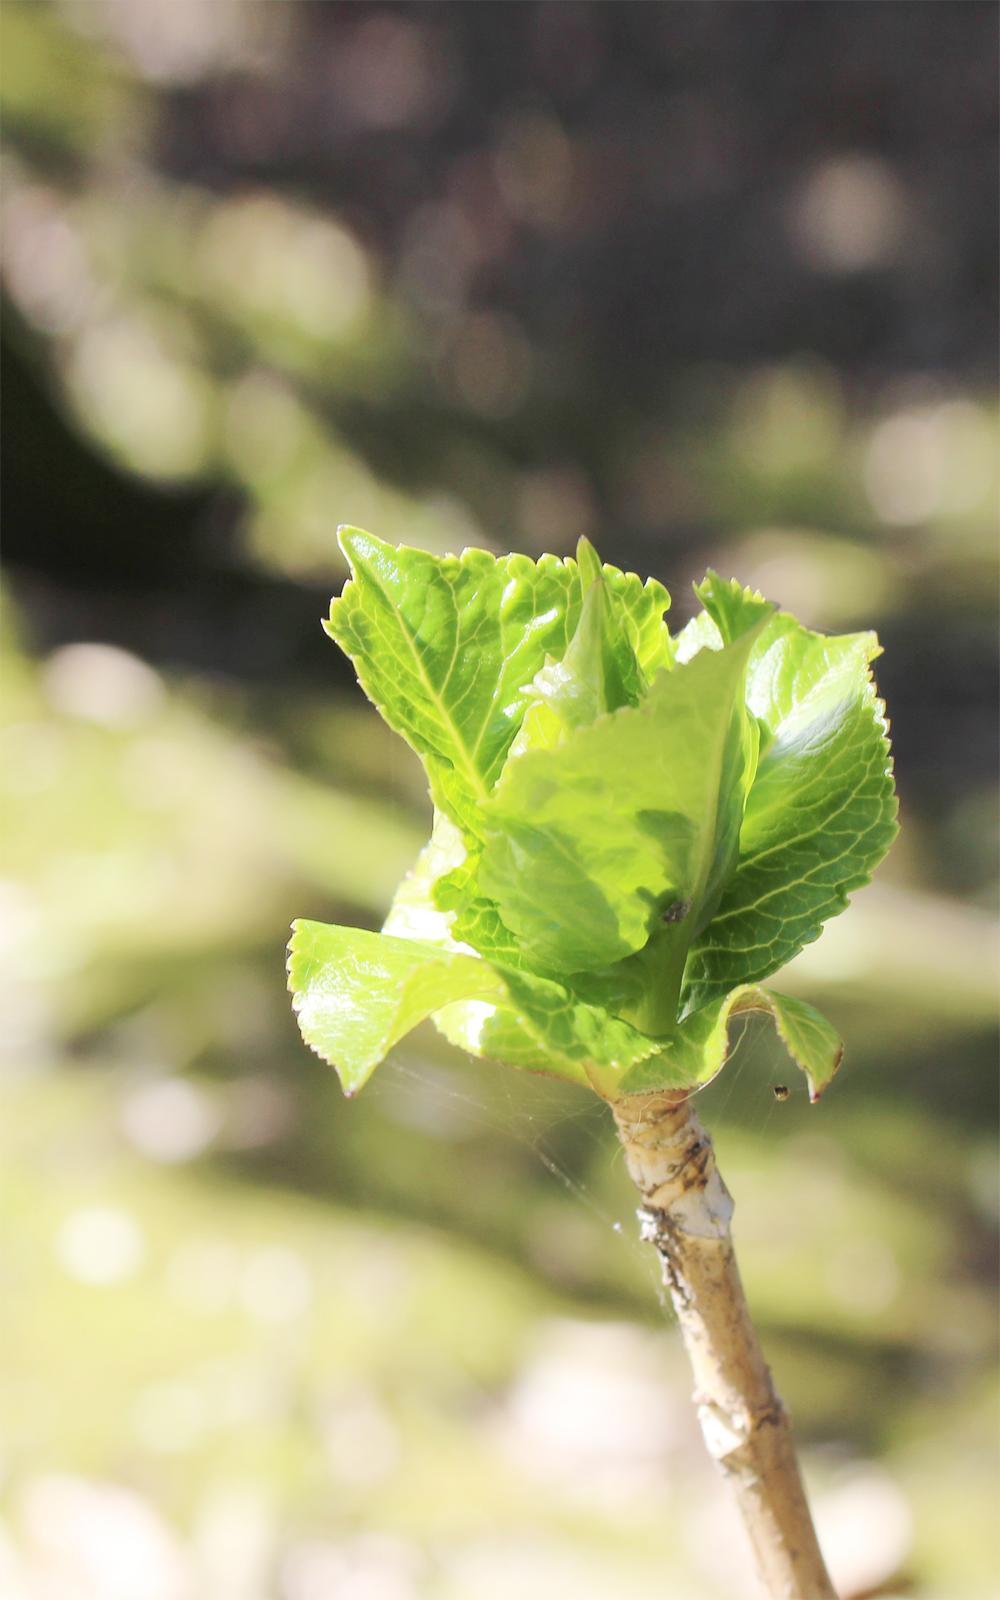 あじさいの芽の写真画像(P010)